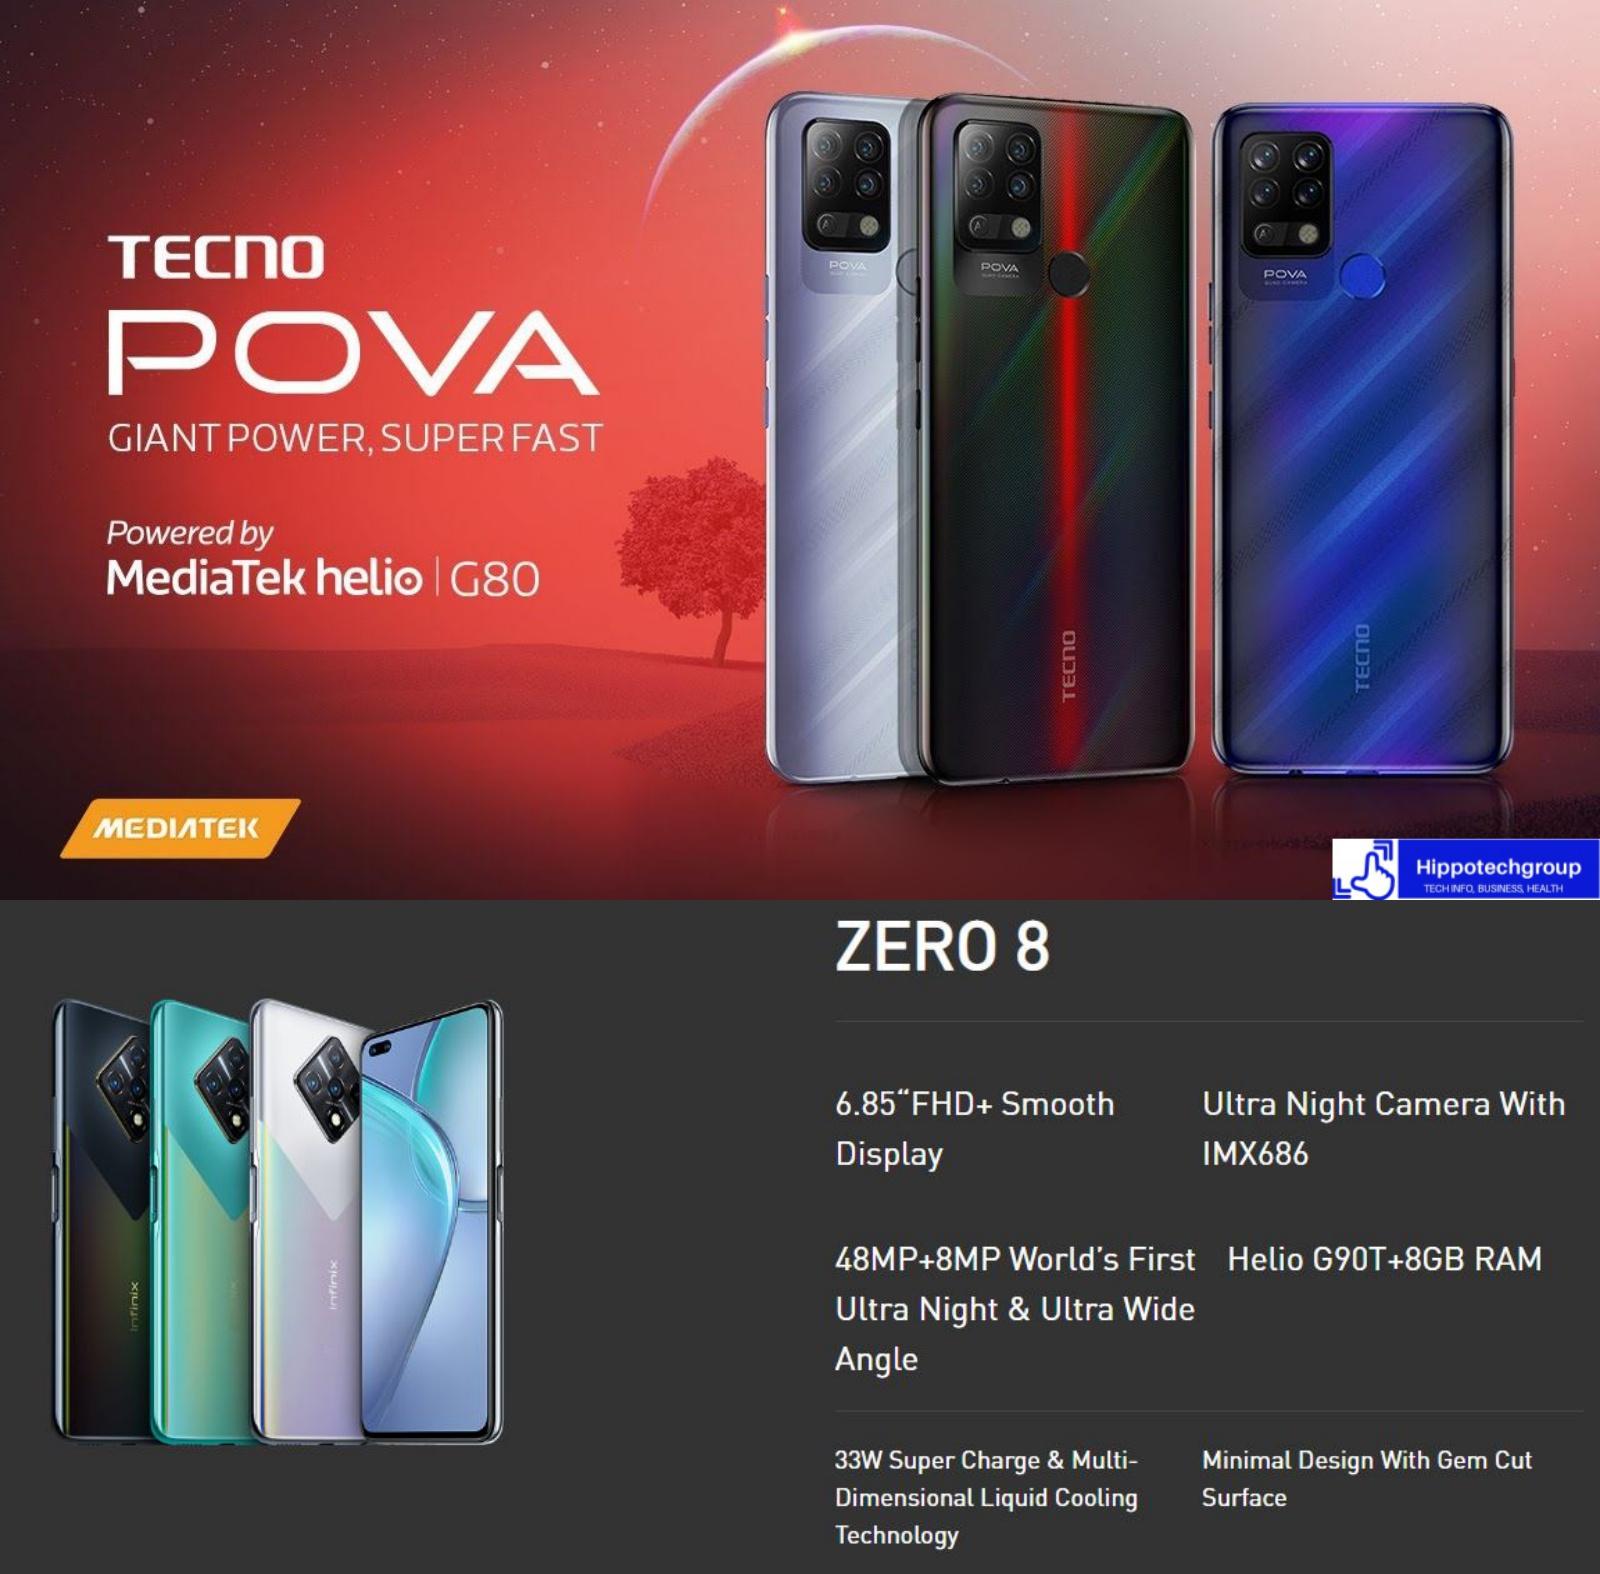 Tecno Pova & Infinix Zero 8 Compared (Specs & Price)